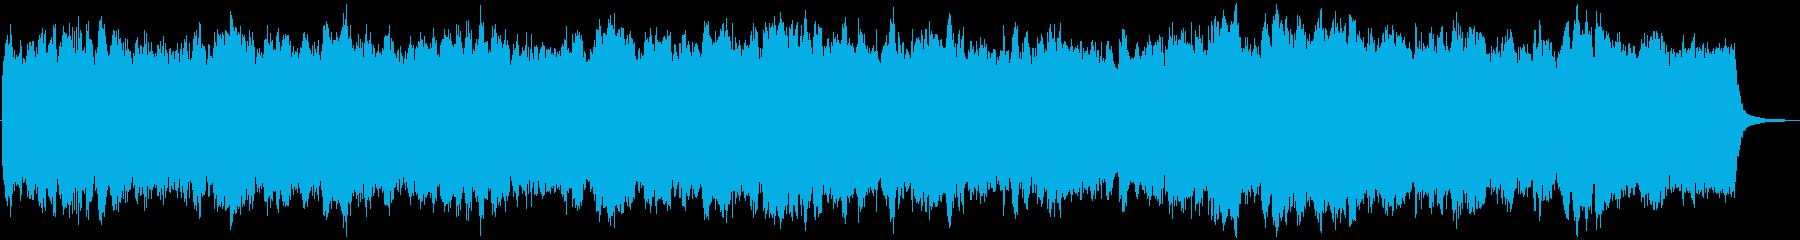 「惑星ソラリス」で有名なバッハオルガン曲の再生済みの波形